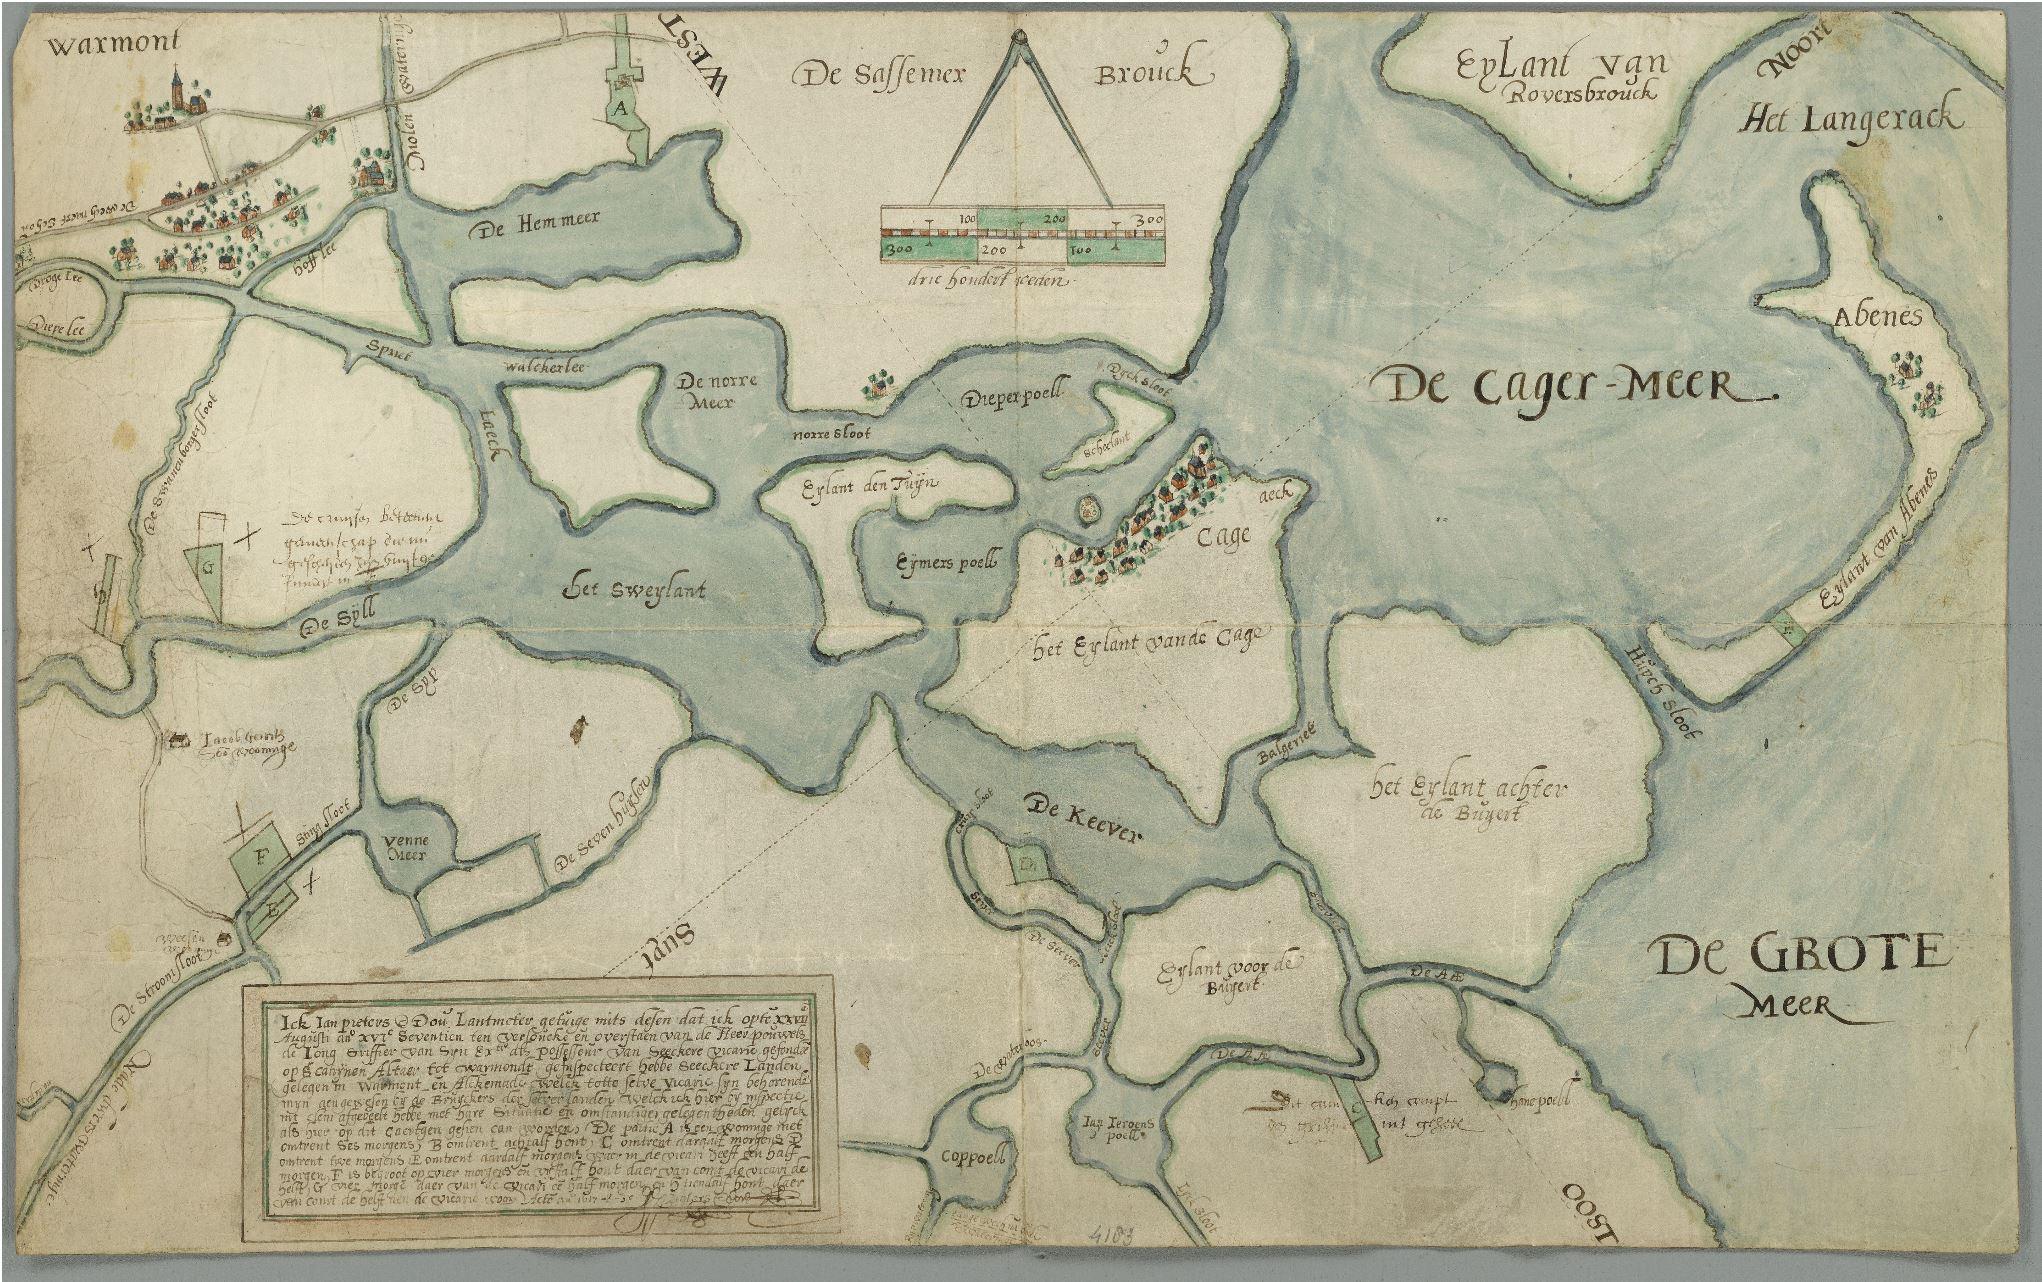 kaart van de kagerplassen uit 1617